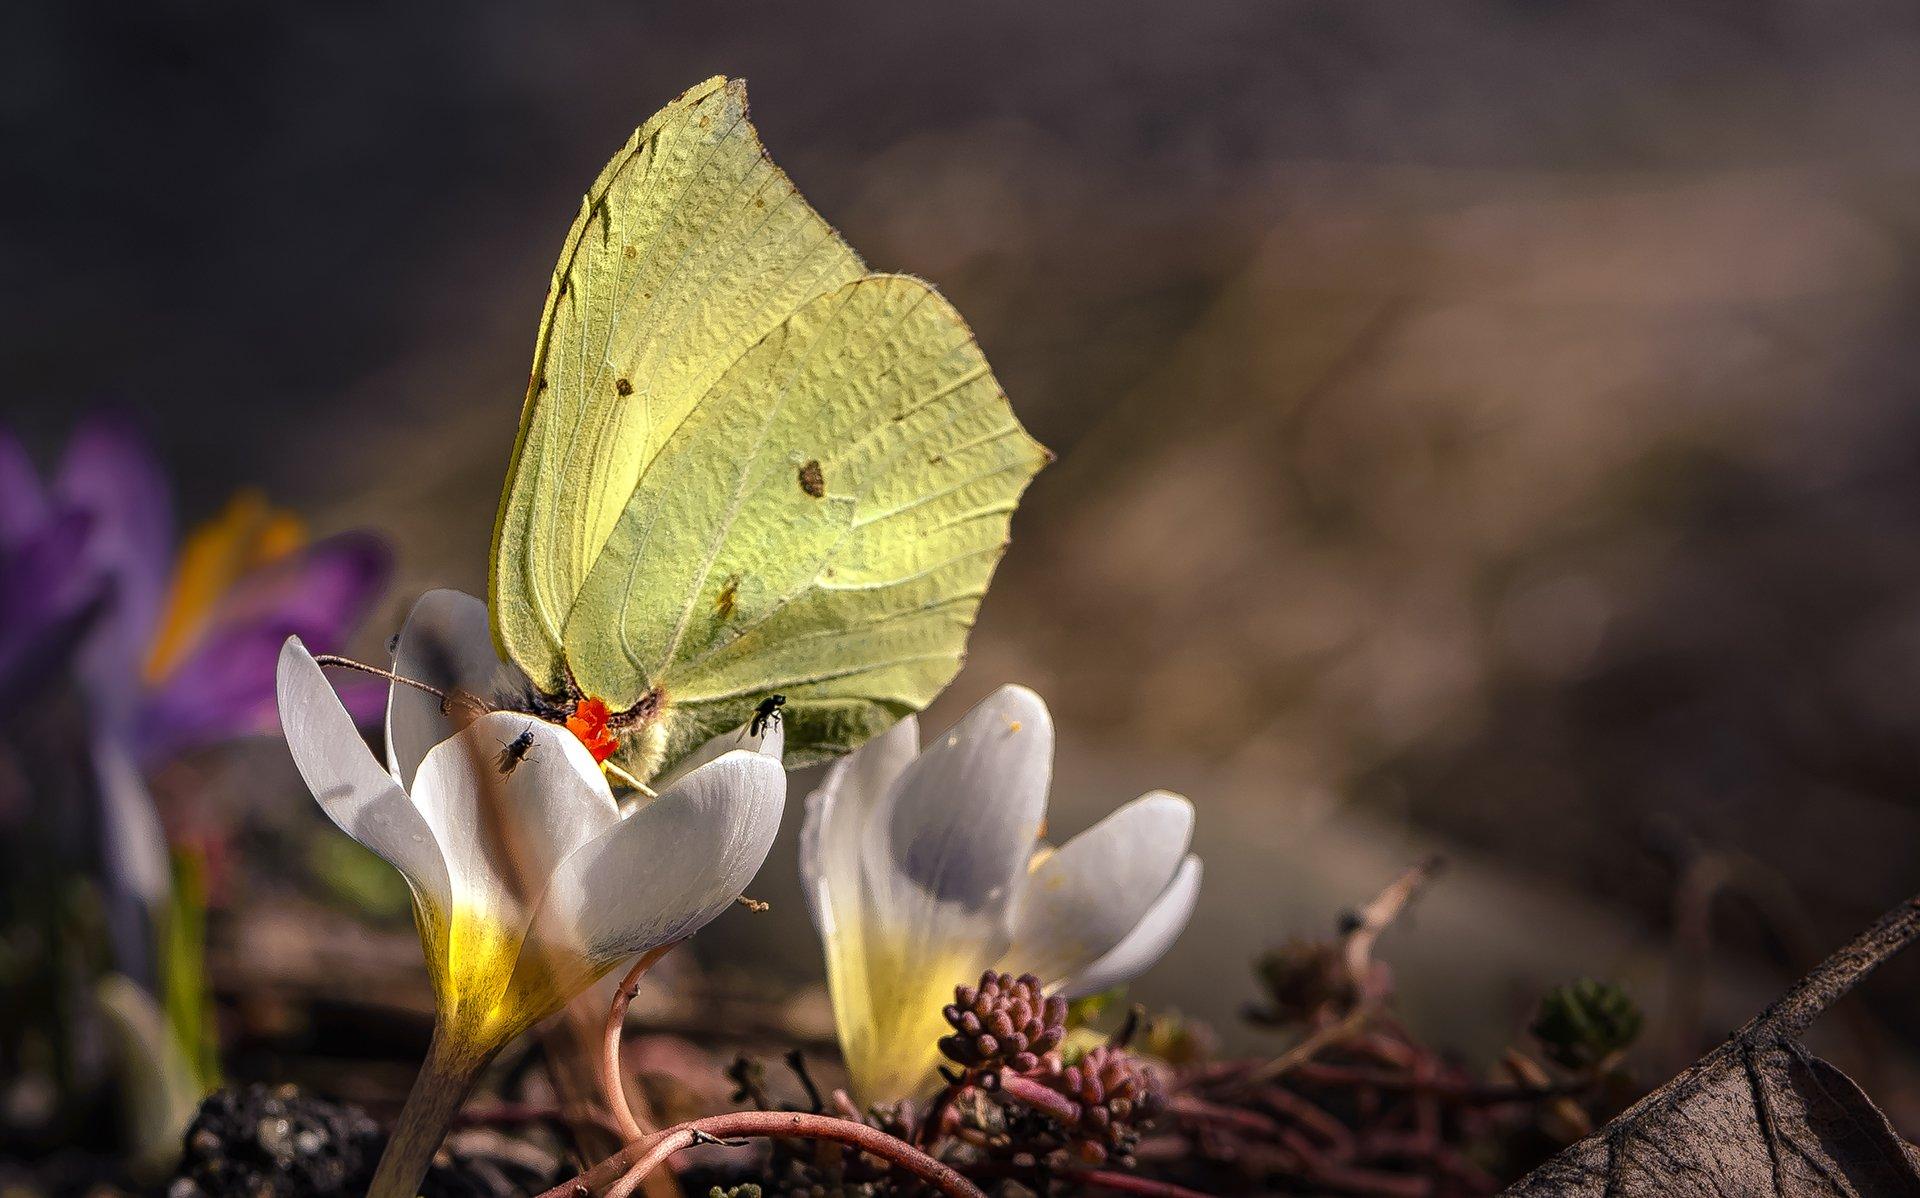 природа, макро, весна, цветы, крокус, бабочка, мушки, Неля Рачкова